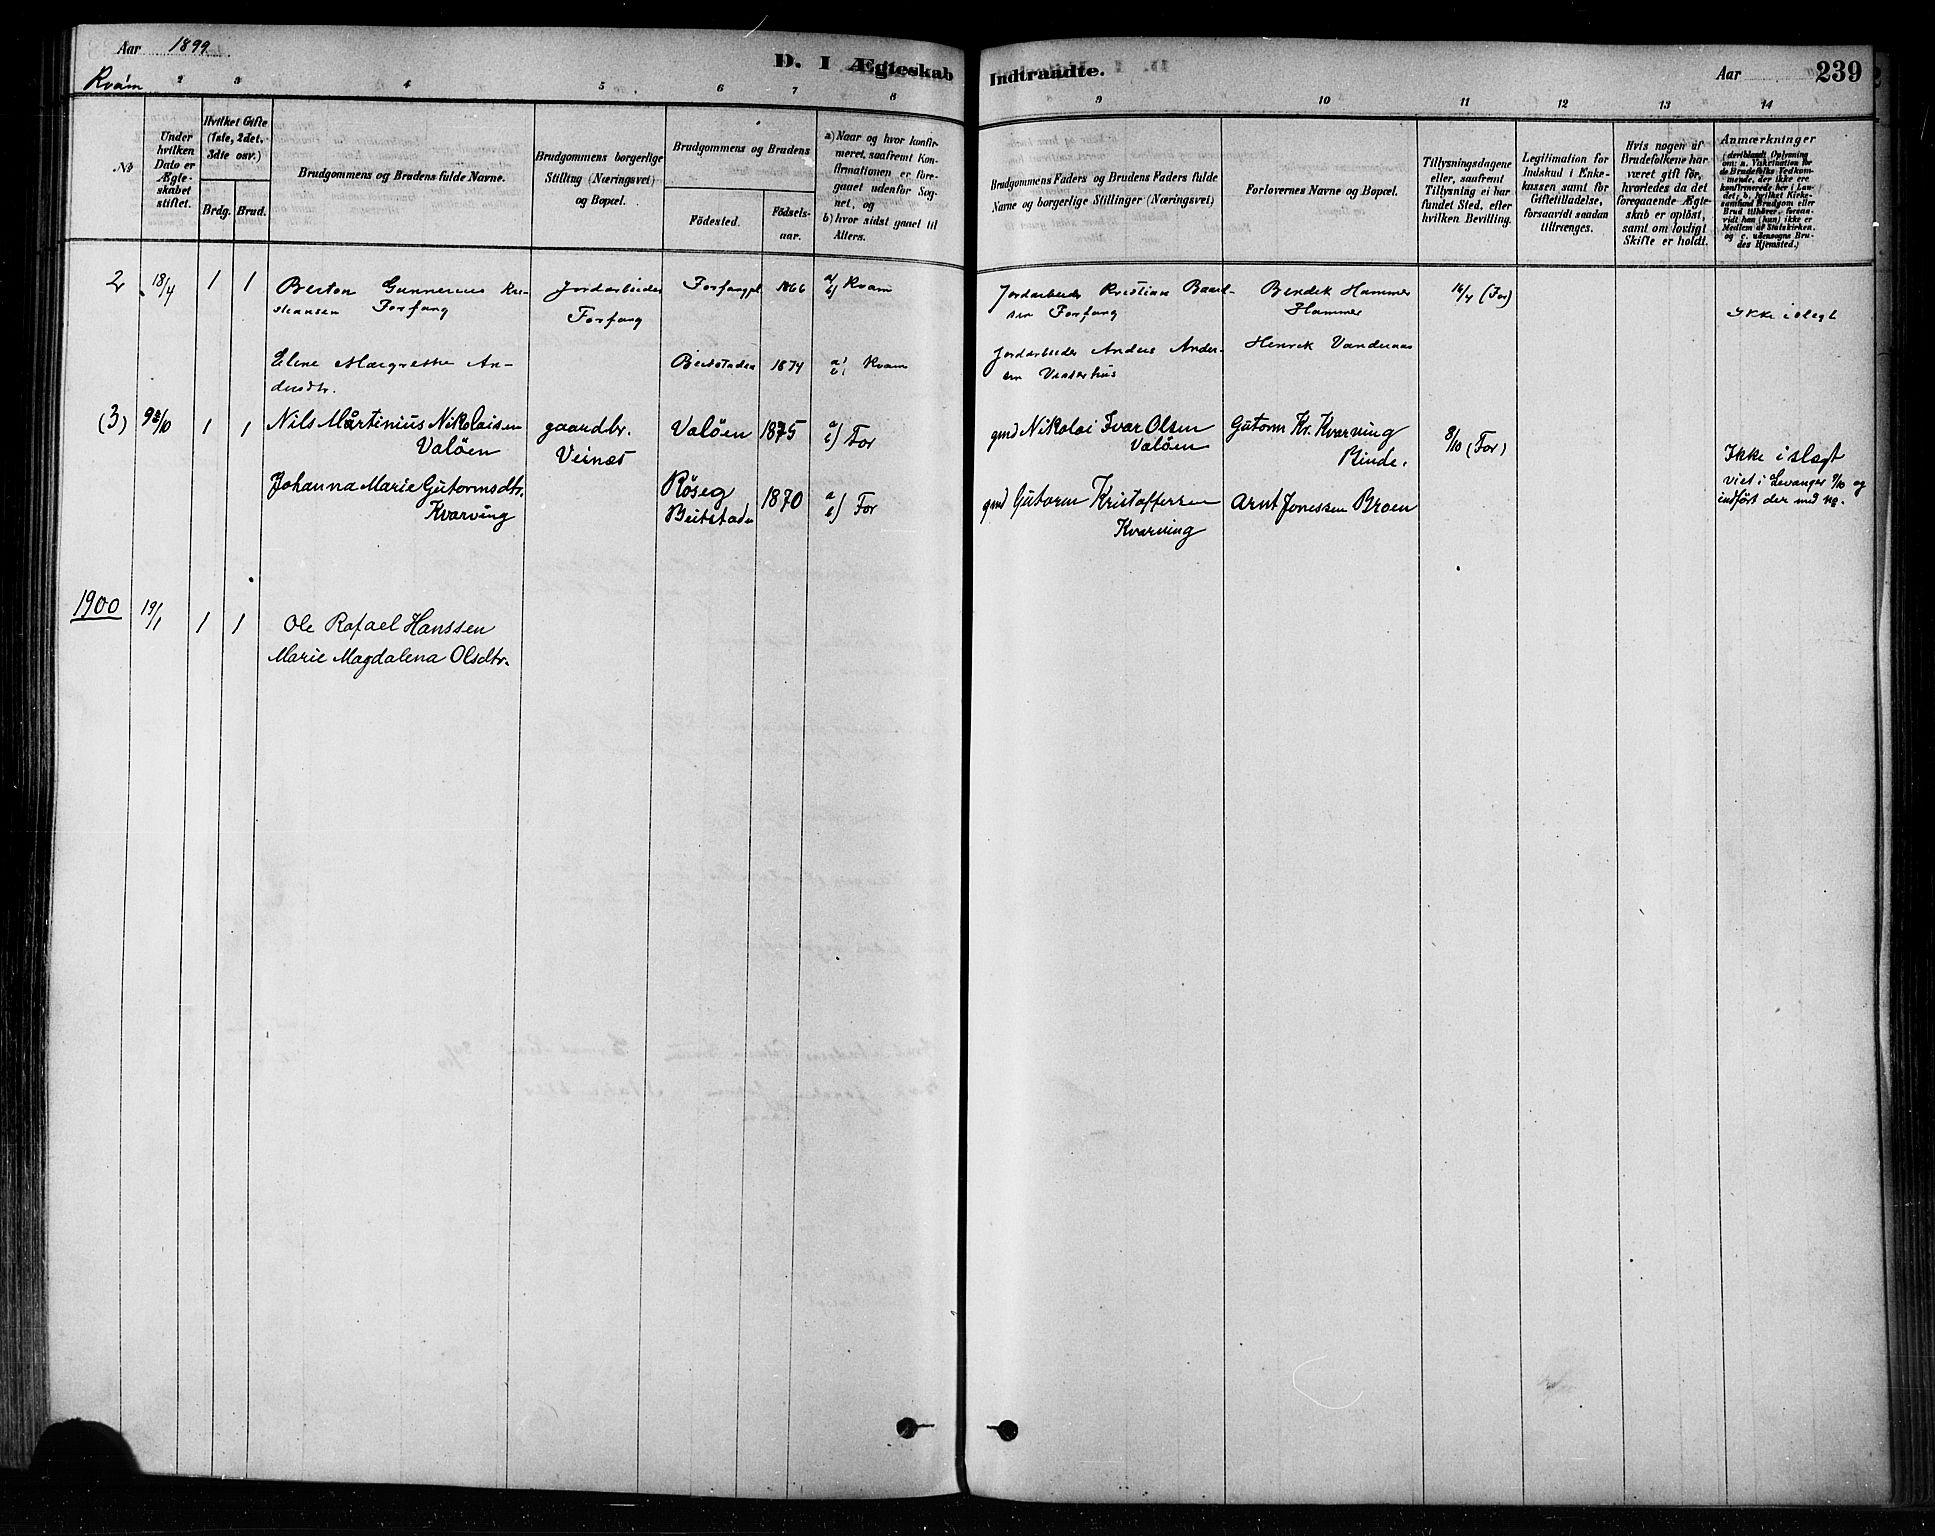 SAT, Ministerialprotokoller, klokkerbøker og fødselsregistre - Nord-Trøndelag, 746/L0449: Ministerialbok nr. 746A07 /2, 1878-1899, s. 239